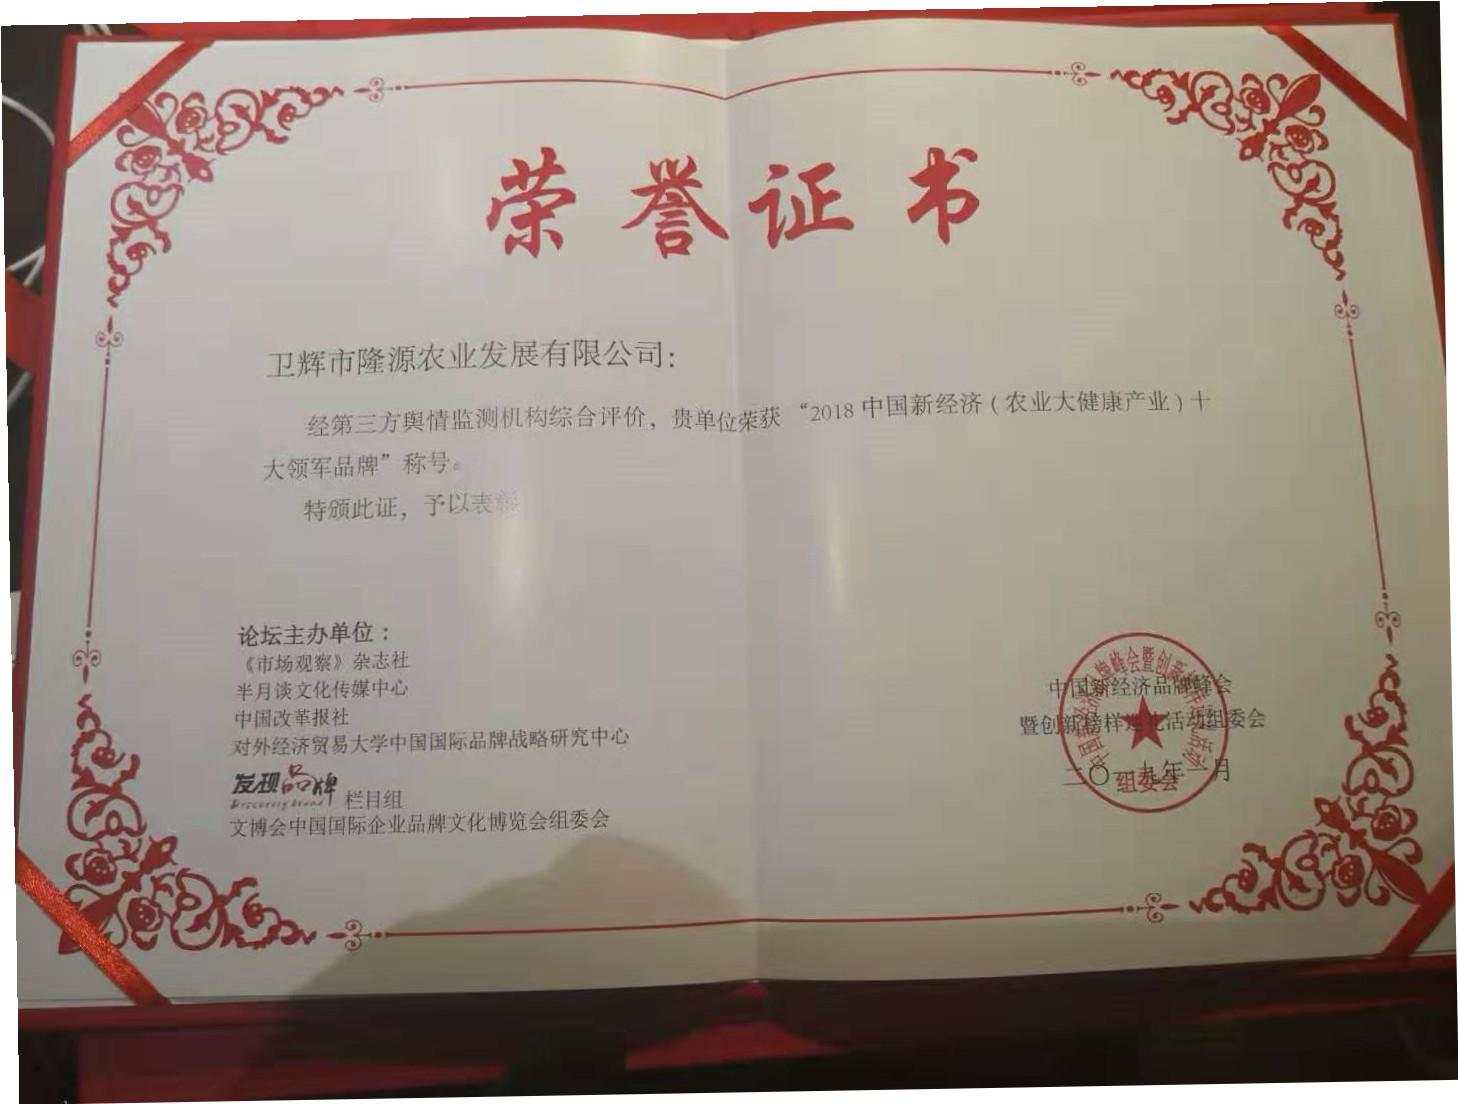 颁发《农业大健康产业中国十大品牌》称号